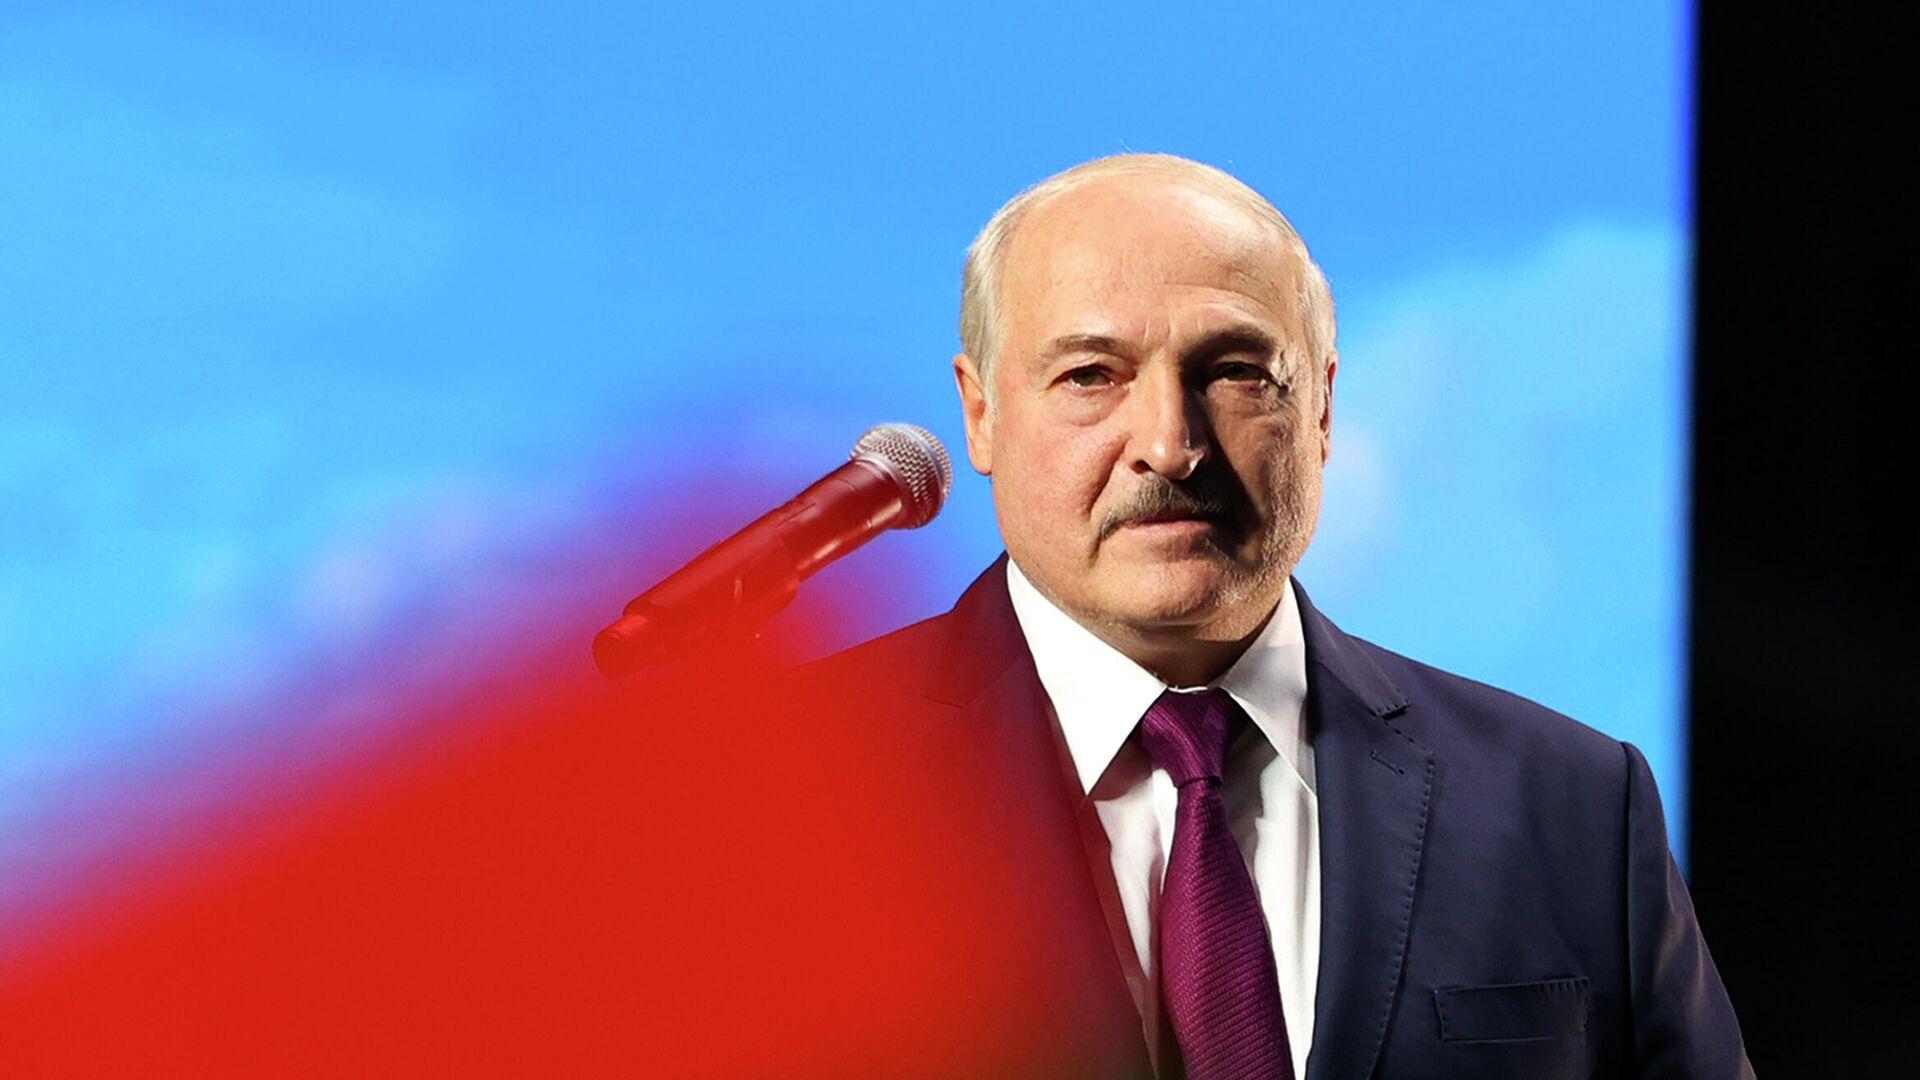 Президент Белоруссии Александр Лукашенко во время выступления в Минске - РИА Новости, 1920, 16.12.2020